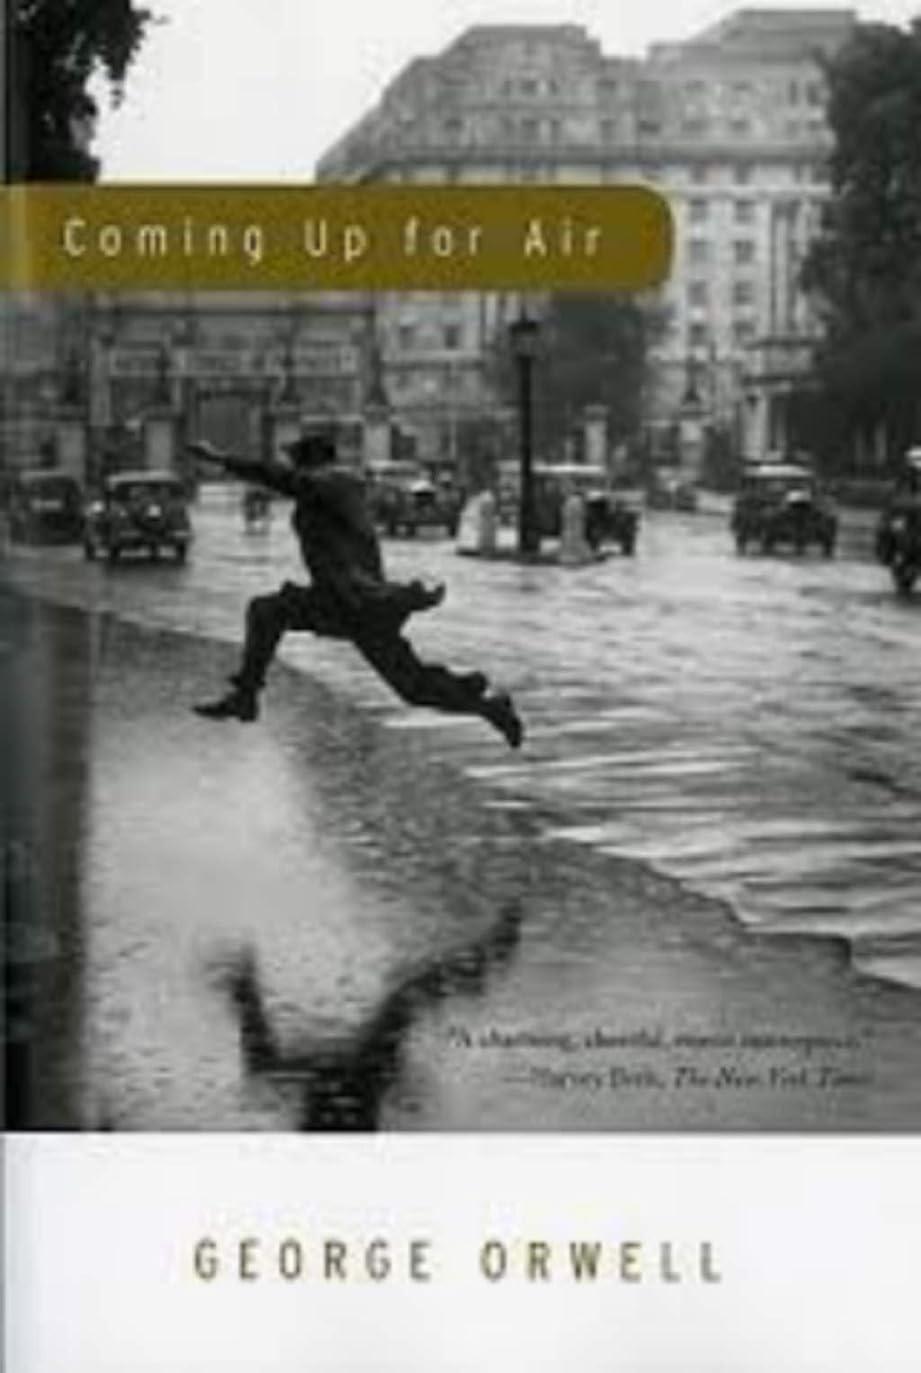 クランシー溶融展示会Coming Up for Air (English Edition)